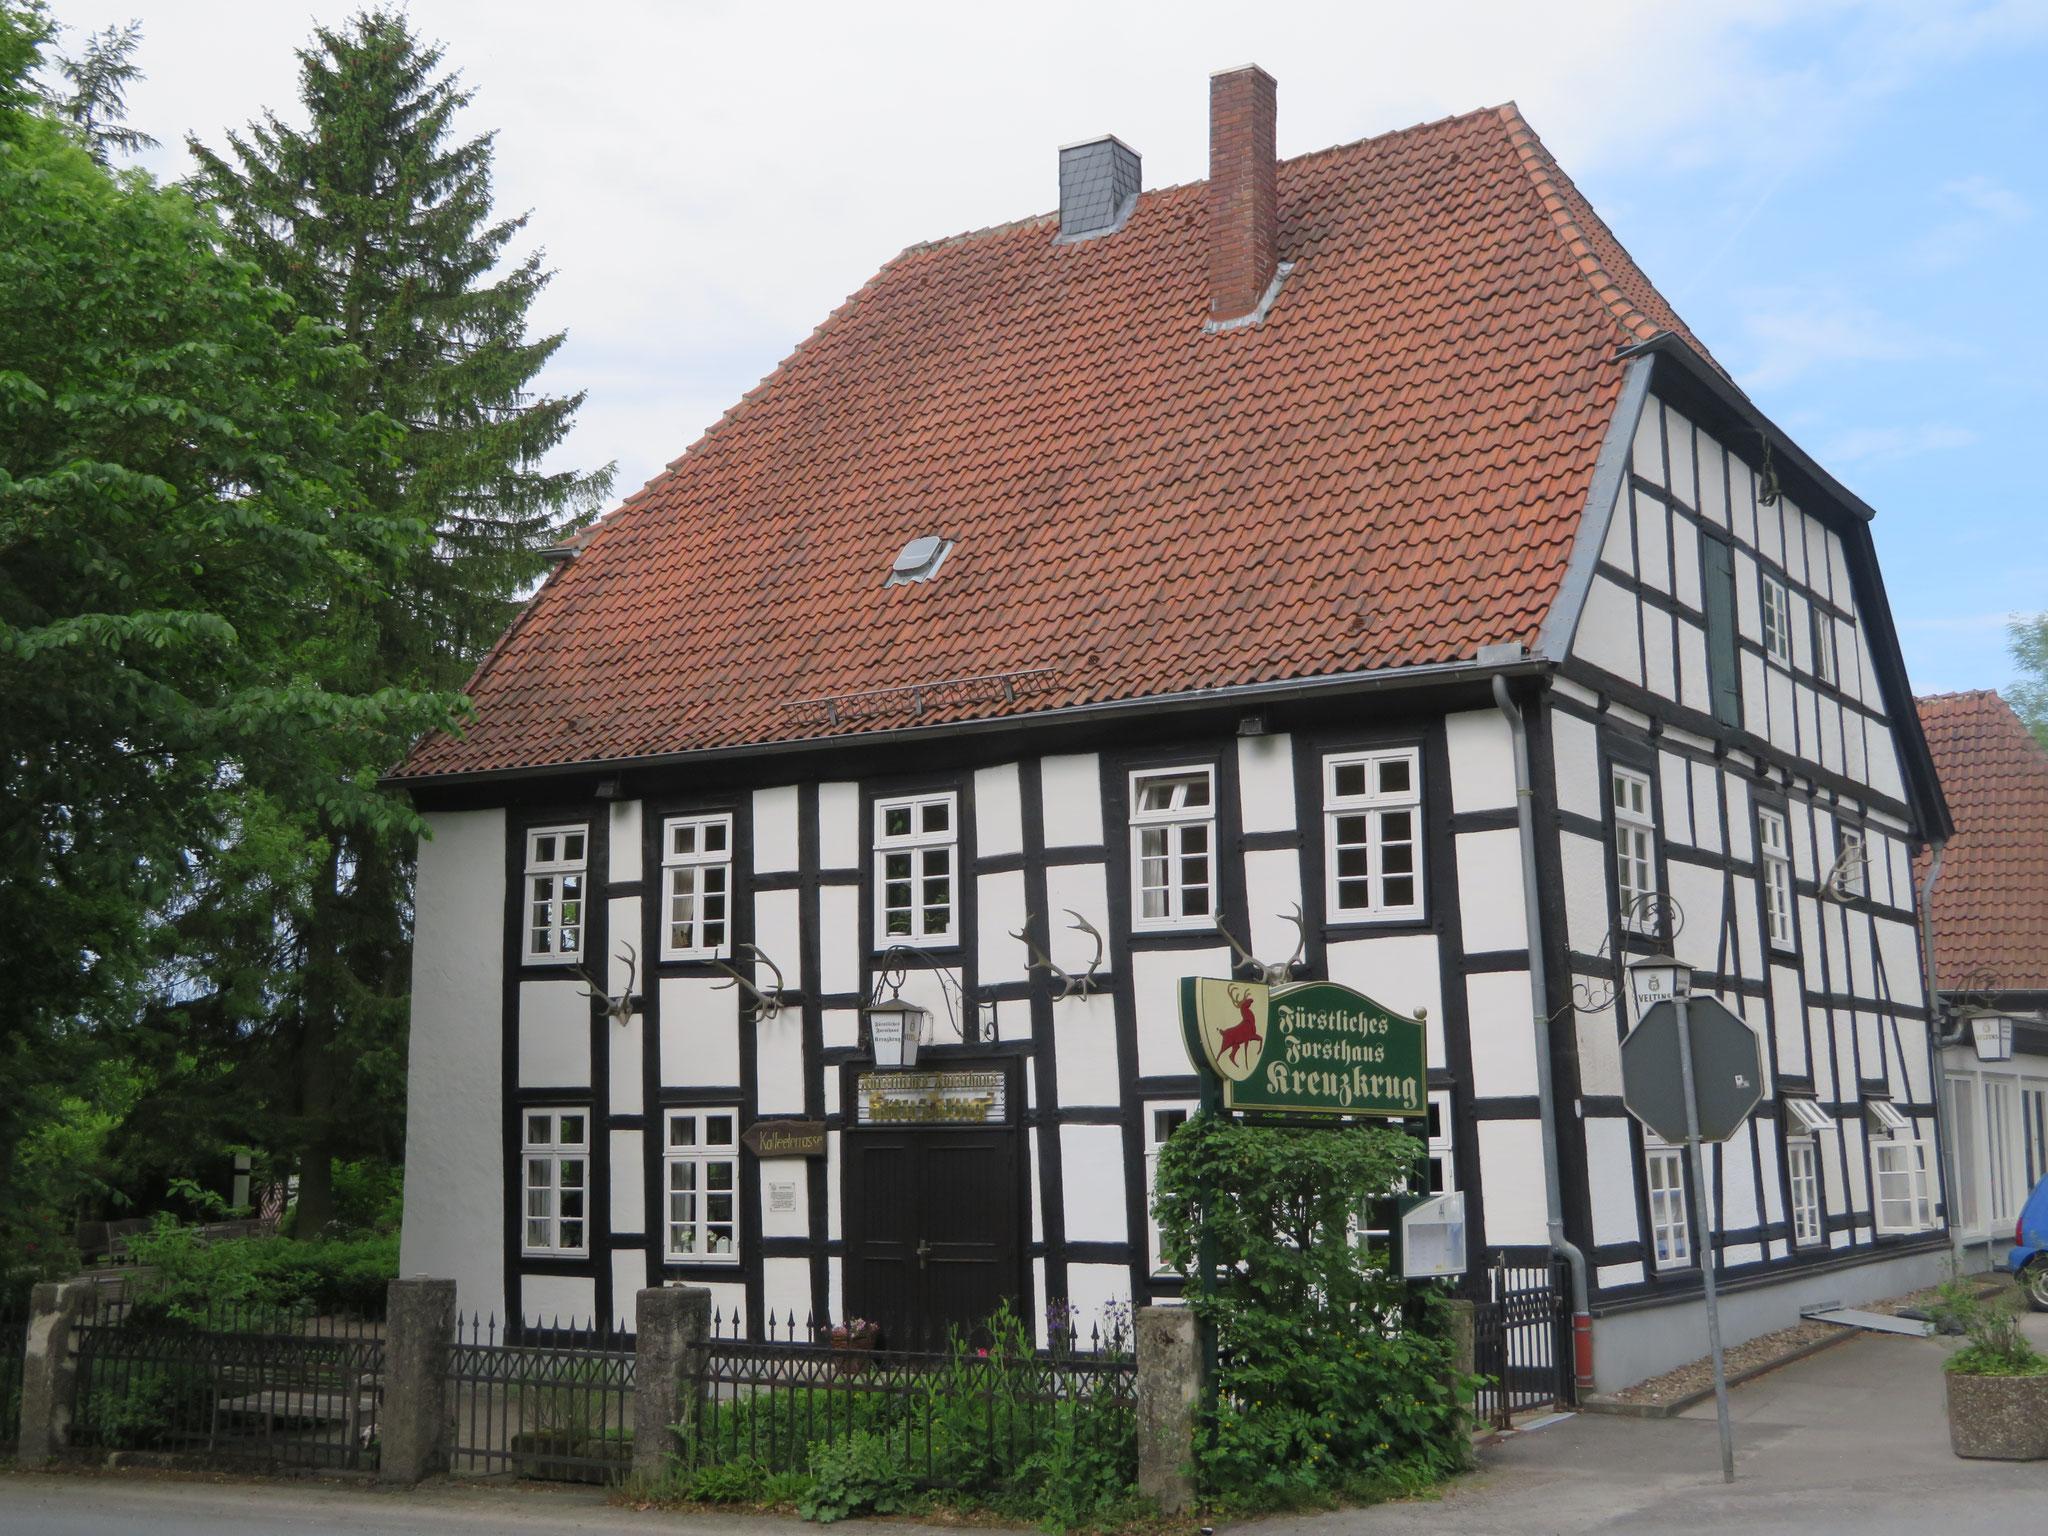 Fürstliches Forsthaus Kreuzkrug an der Gauseköte